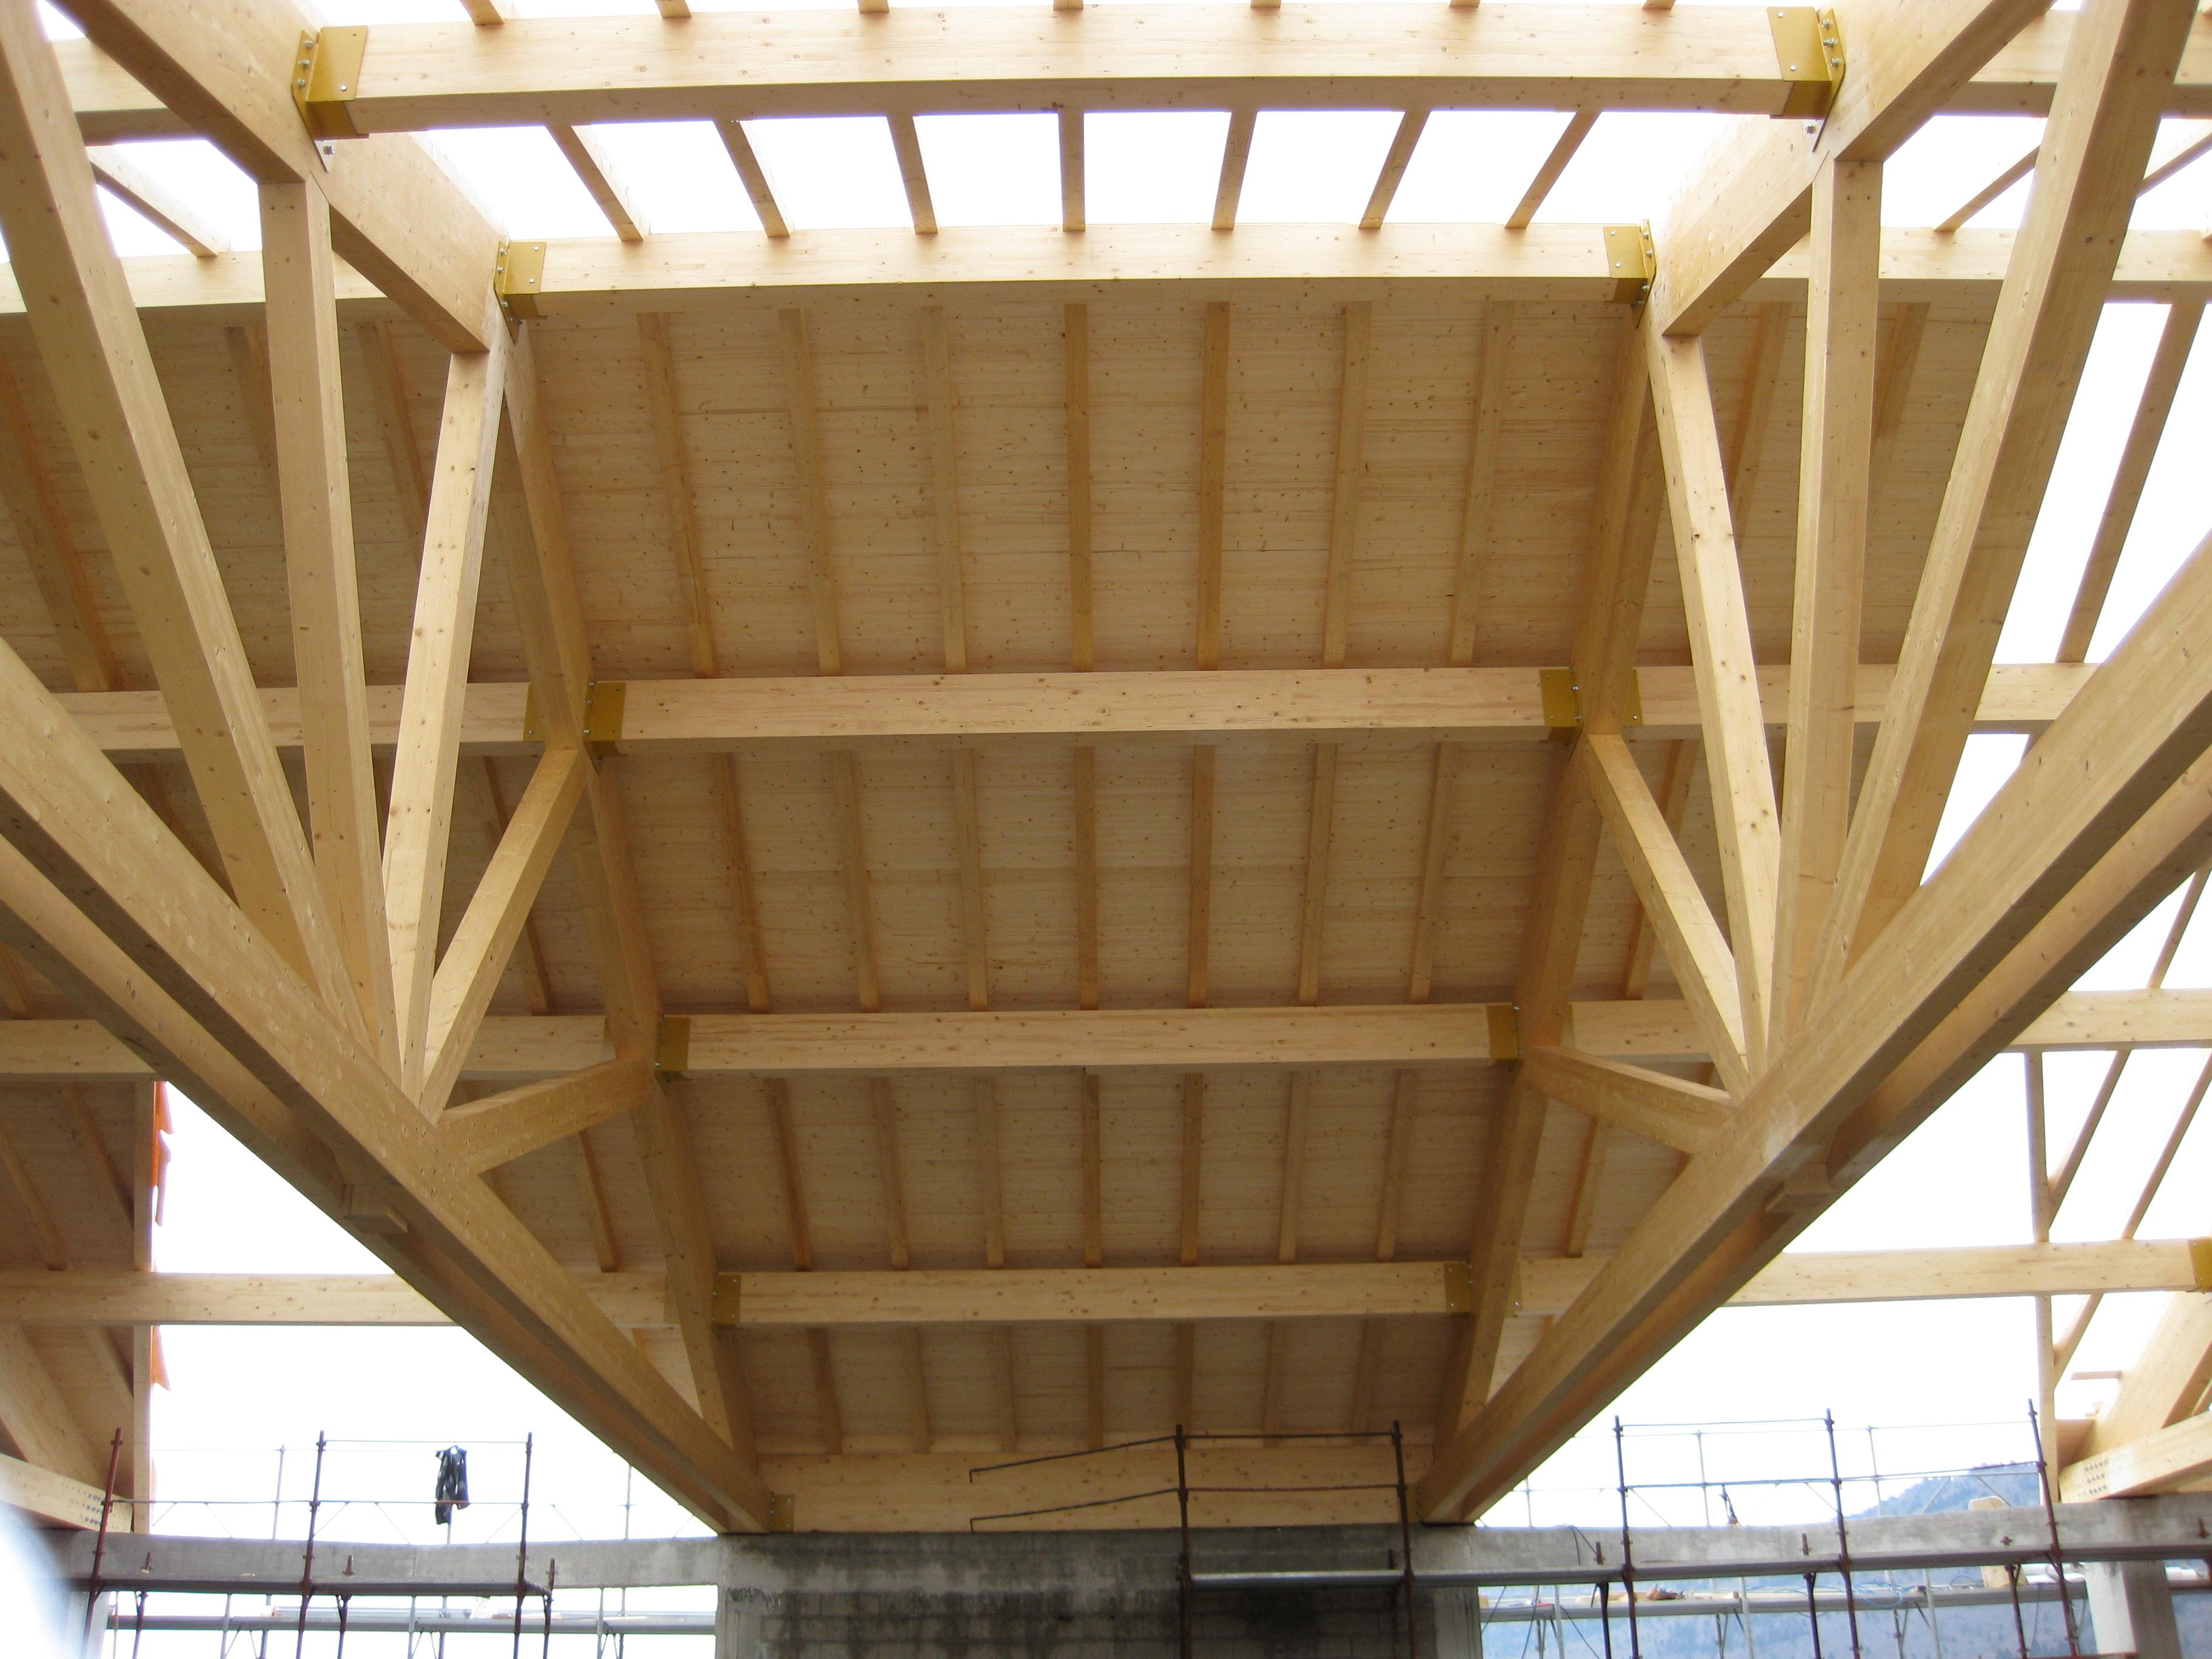 Illuminazione Tettoie In Legno : Illuminazione tettoie in legno ...